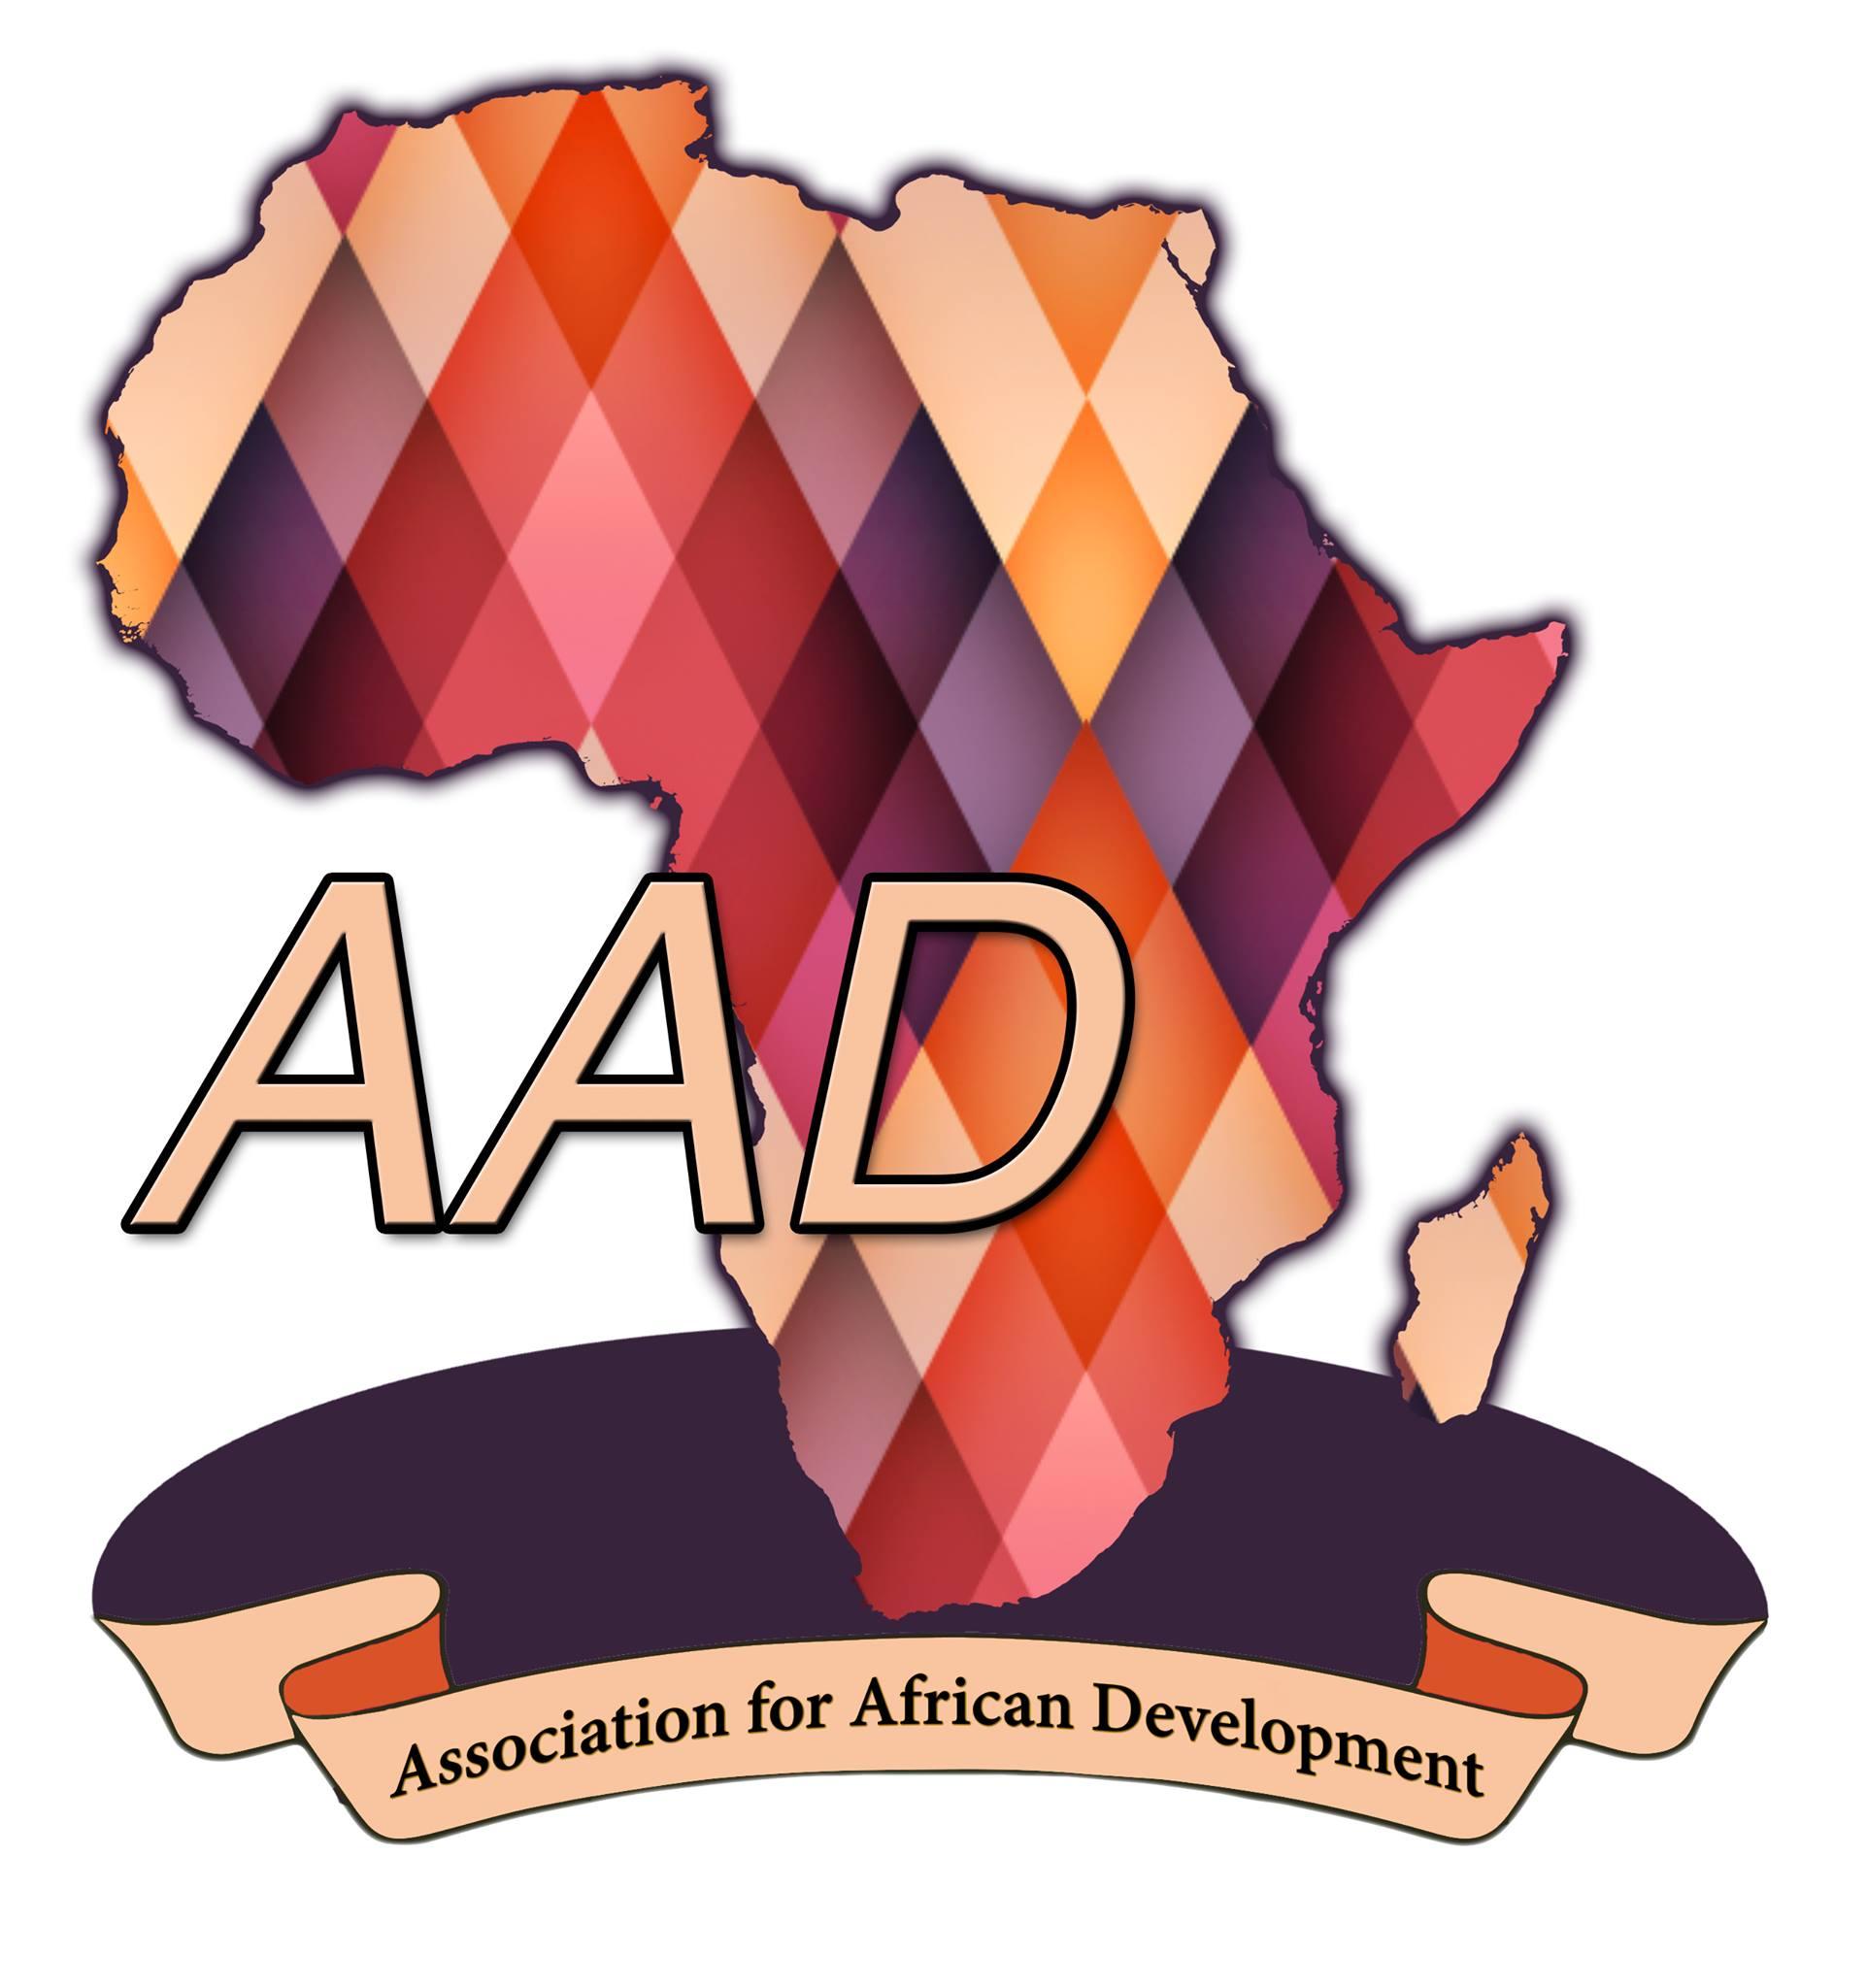 Association for African Development.jpg